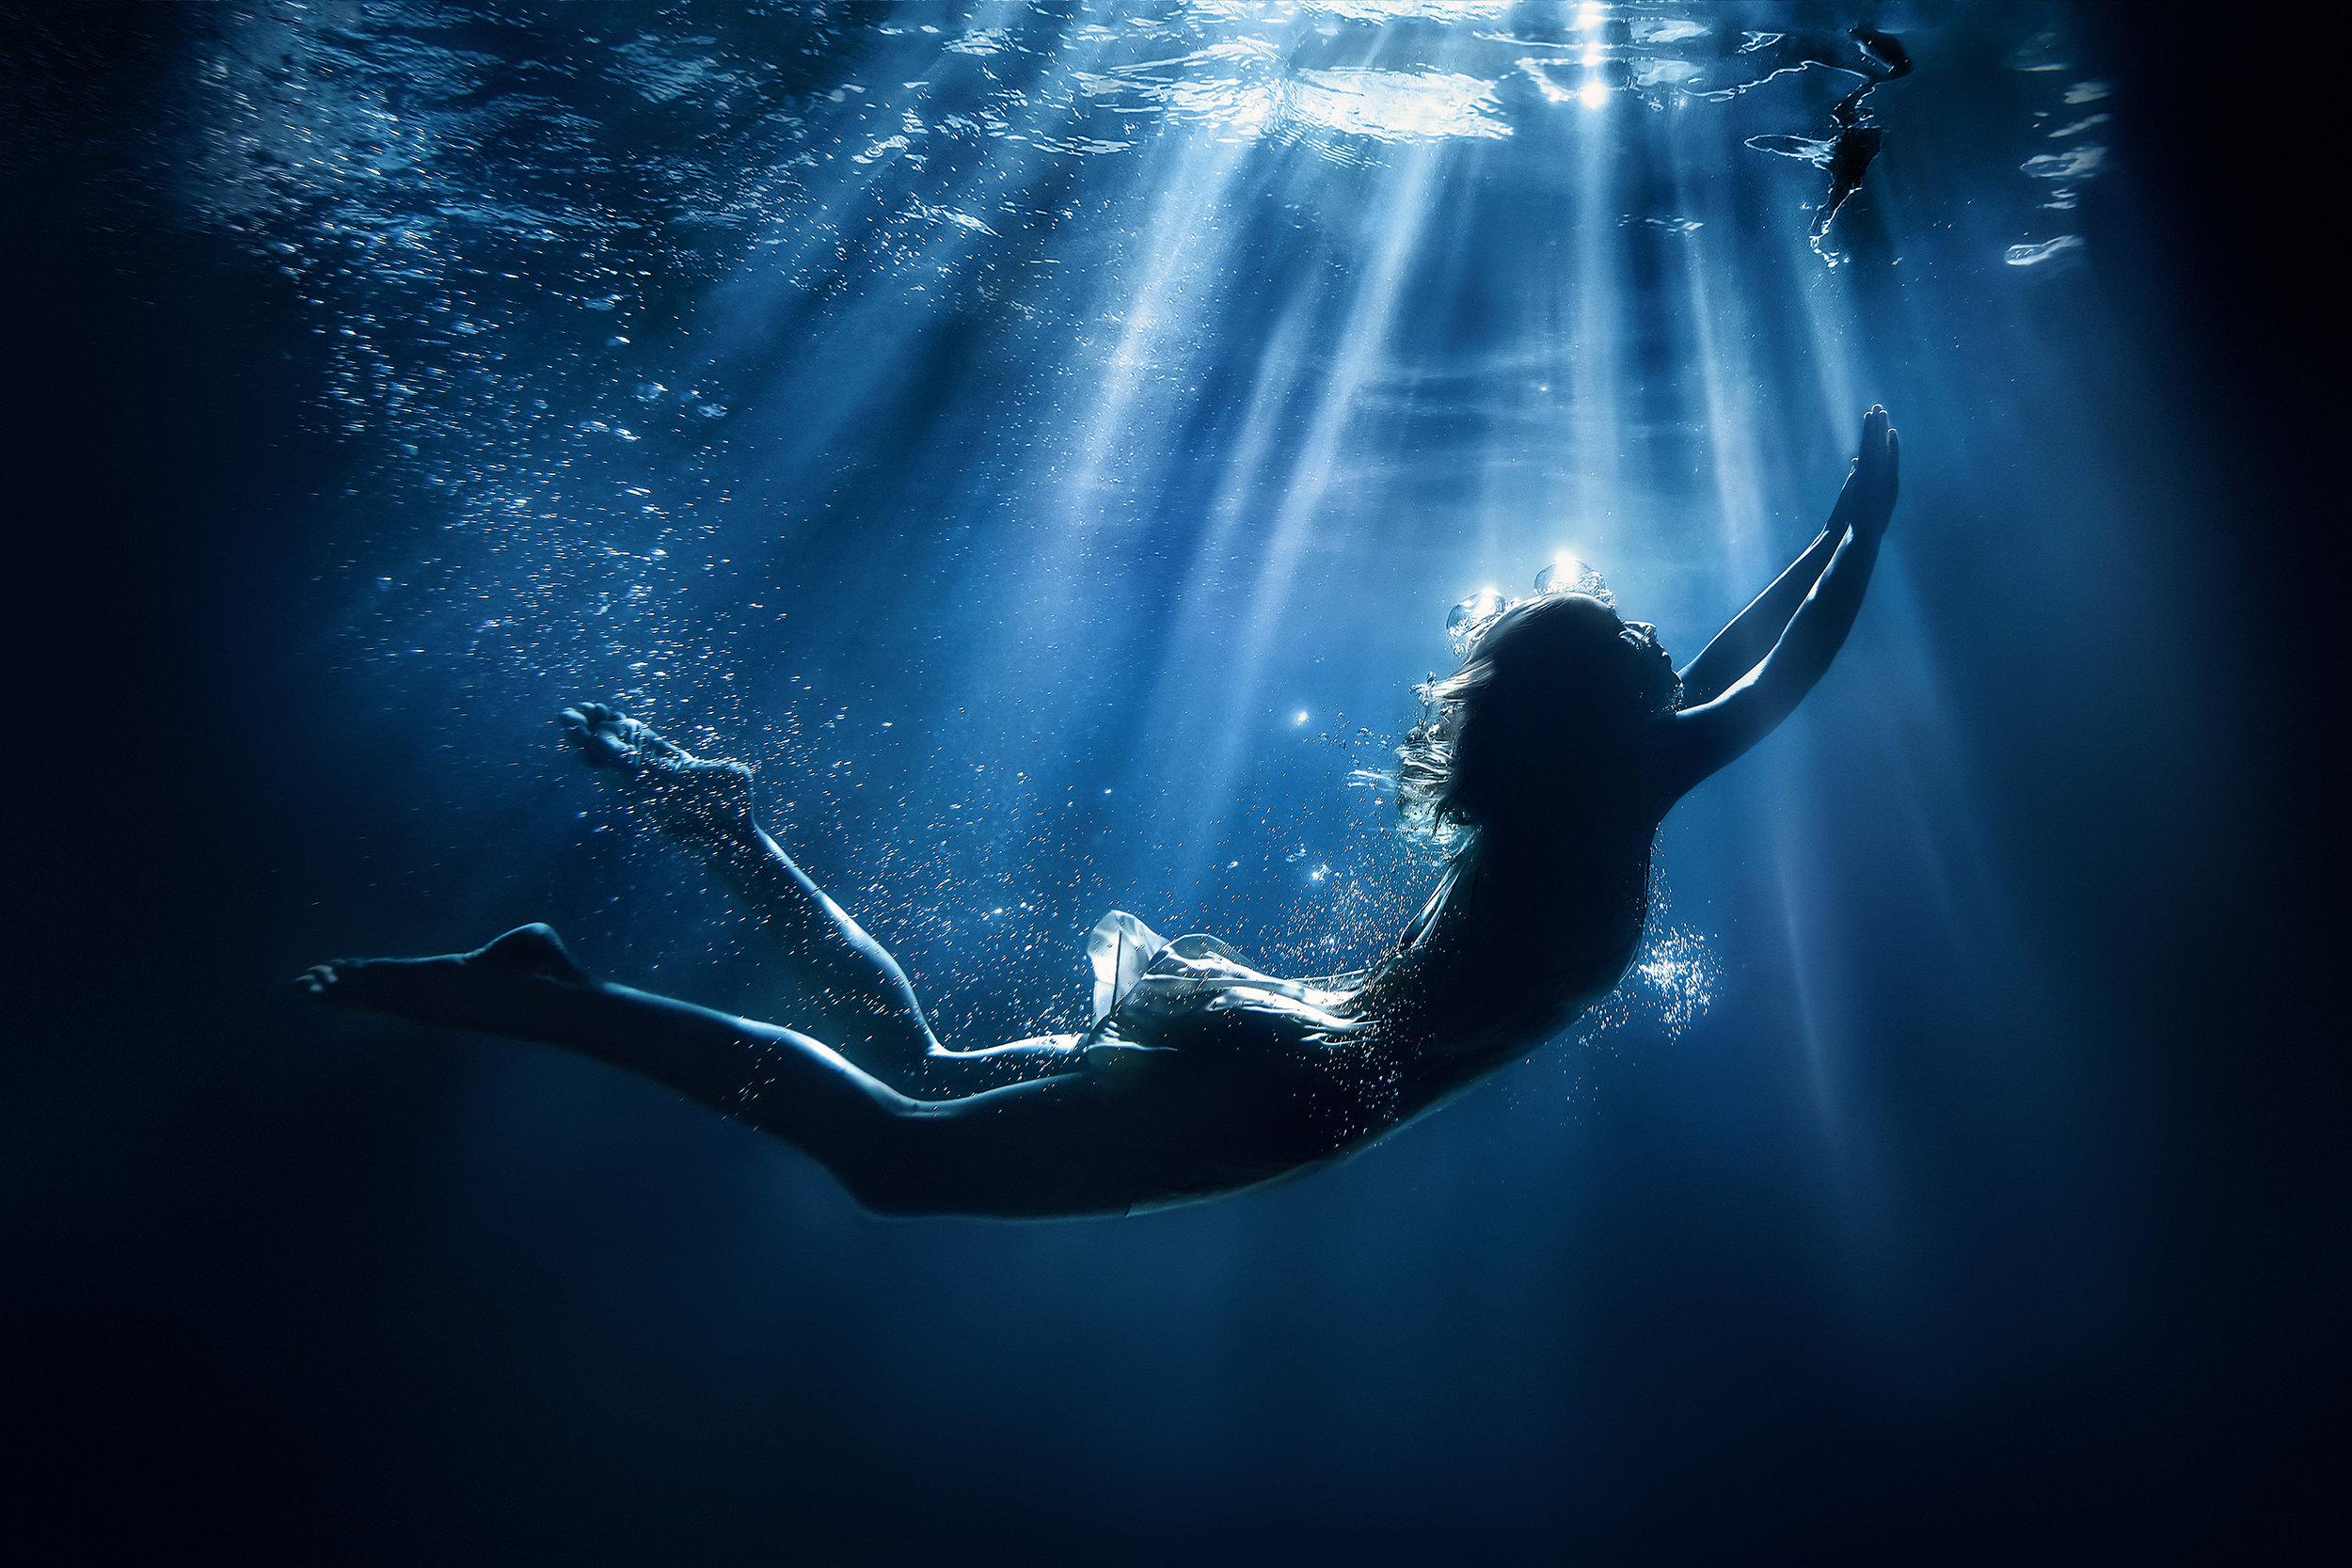 Nick_Dale-Underwater_V4s.jpg